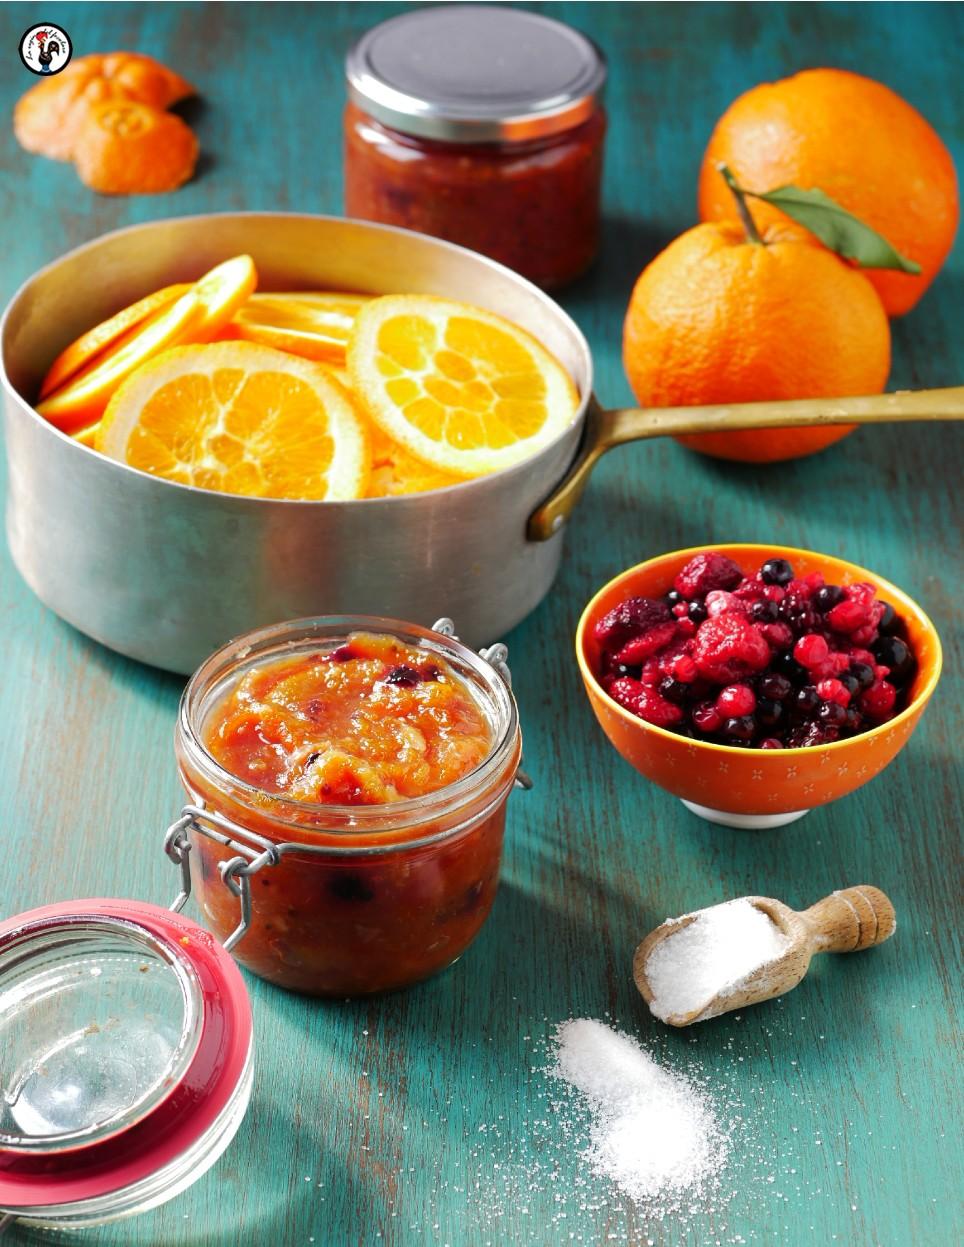 Marmellata di arance con la buccia e frutti rossi